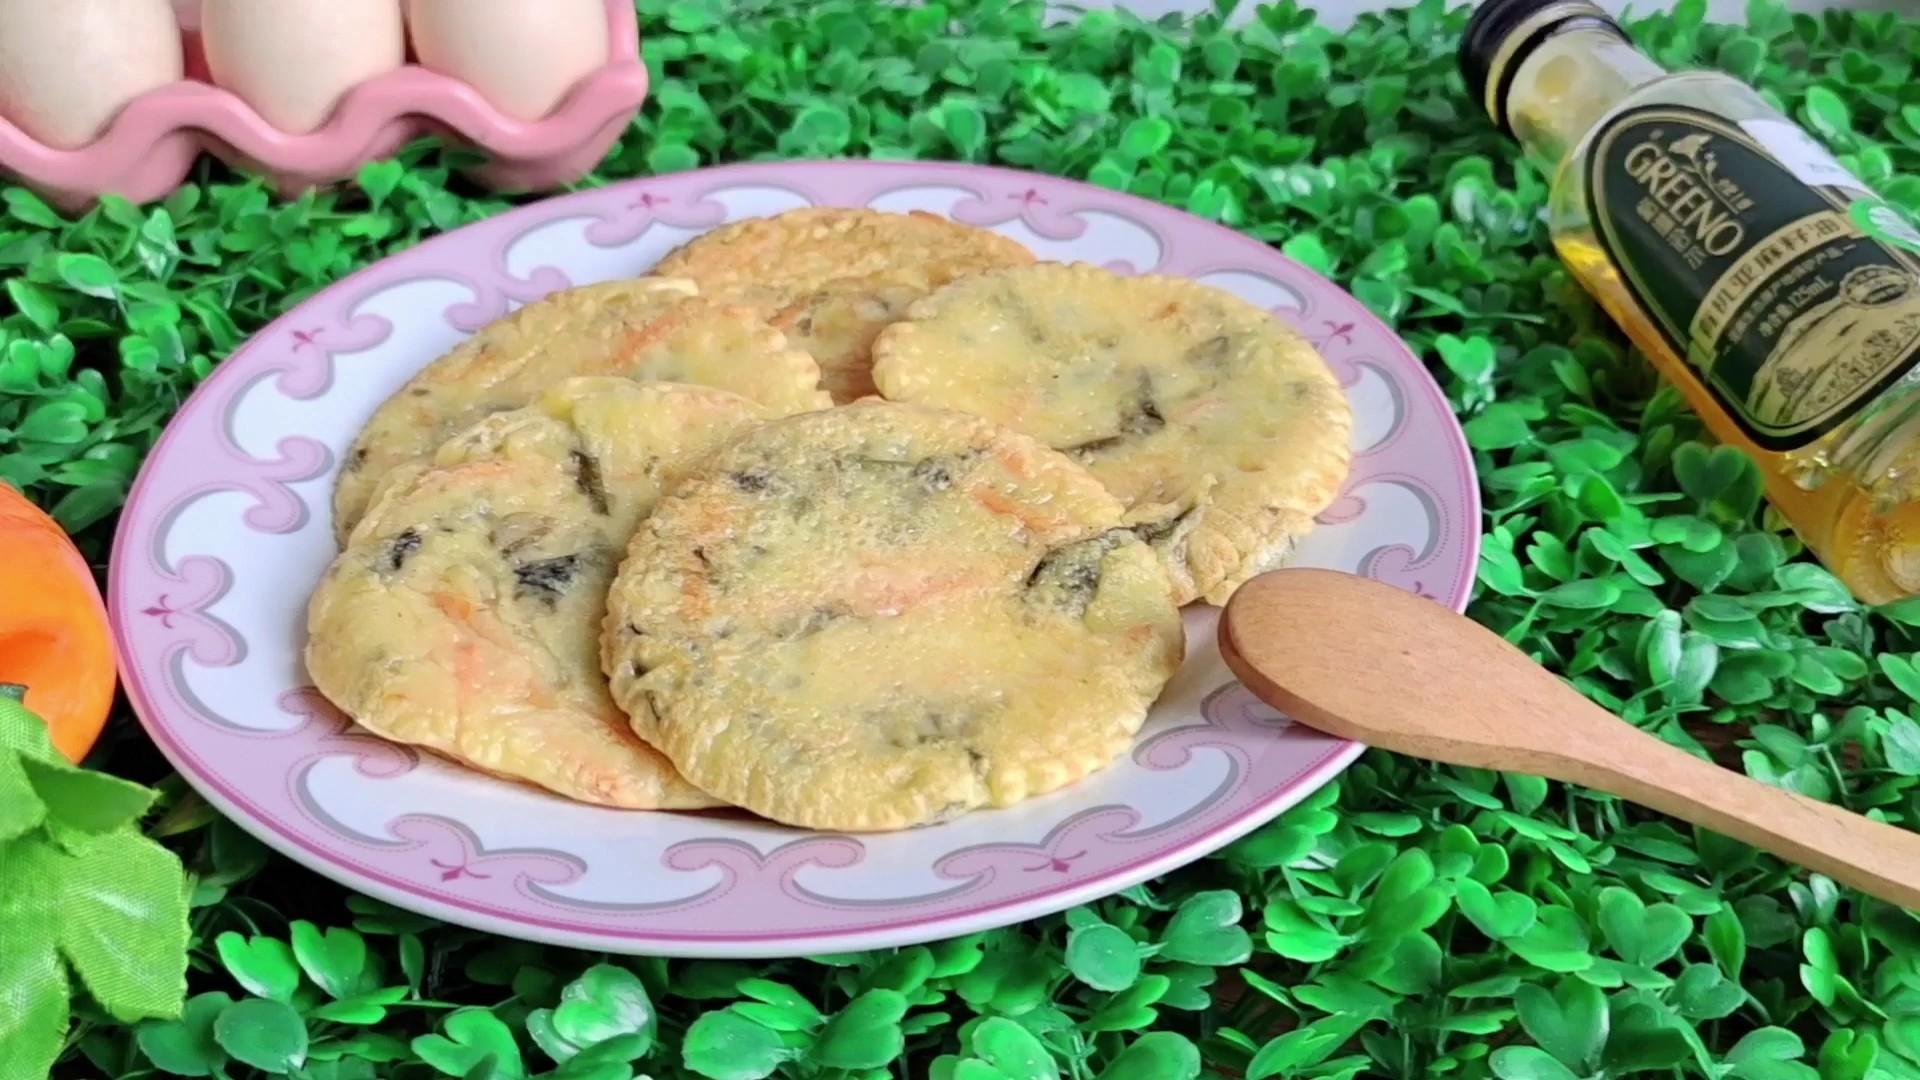 宝宝补钙早餐饼:胡萝卜紫菜蛋奶饼的做法